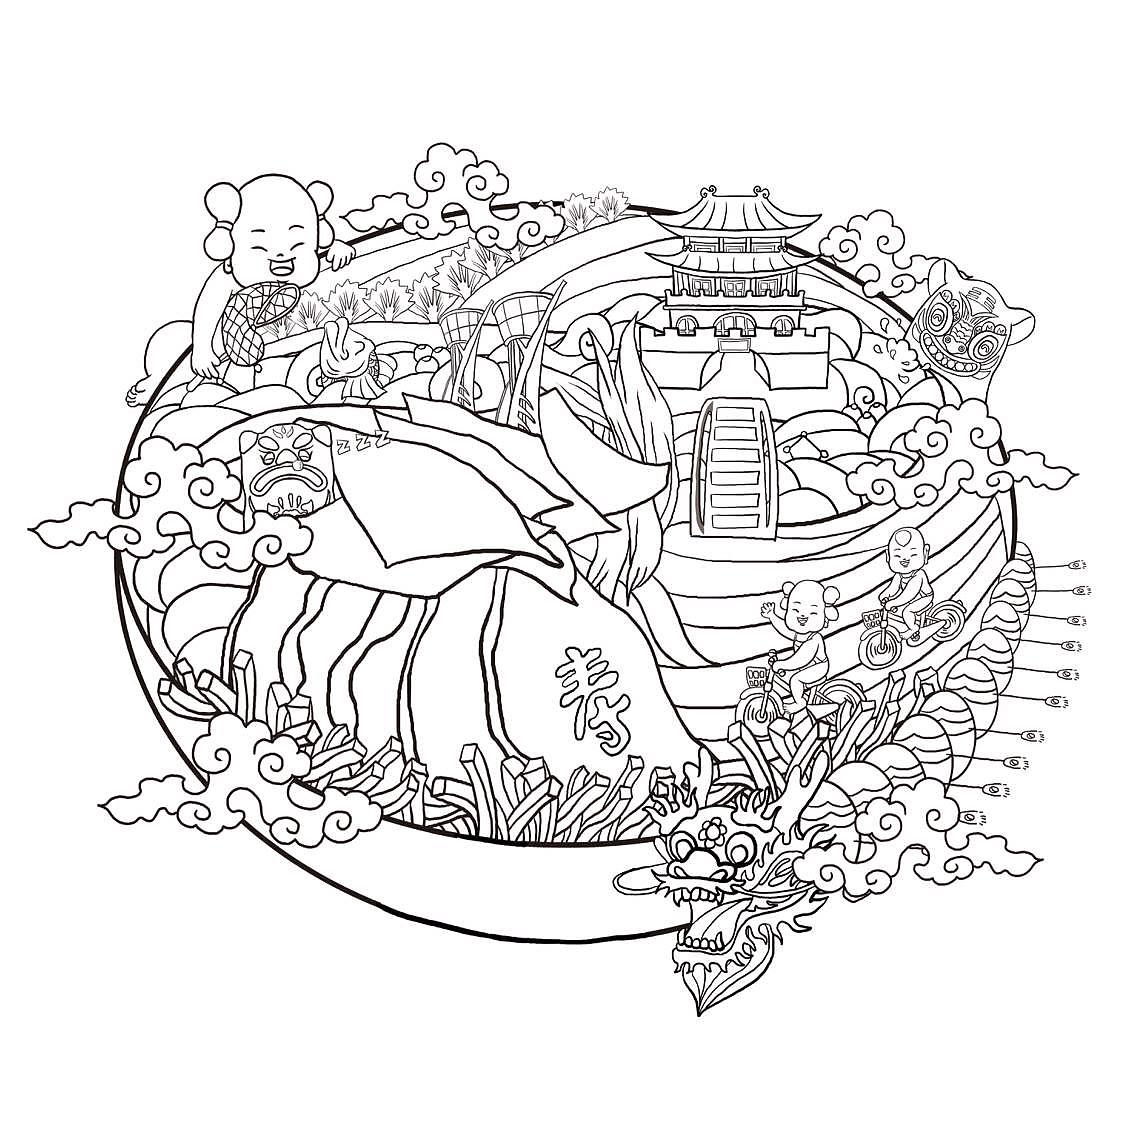 简笔画 设计 矢量 矢量图 手绘 素材 线稿 1136_1136